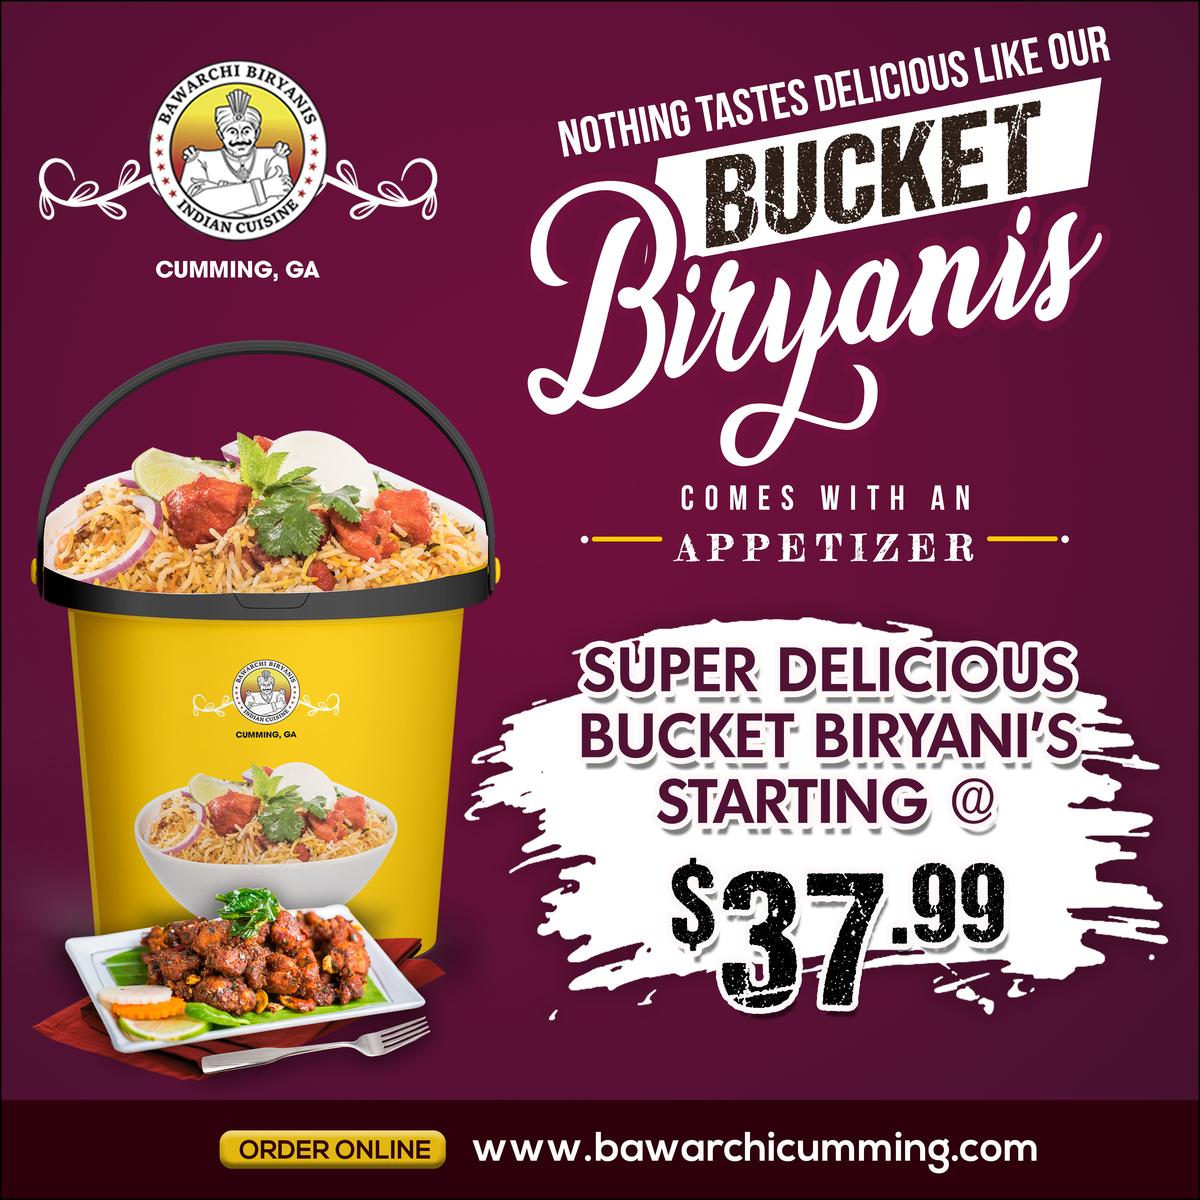 Bucket Biryani